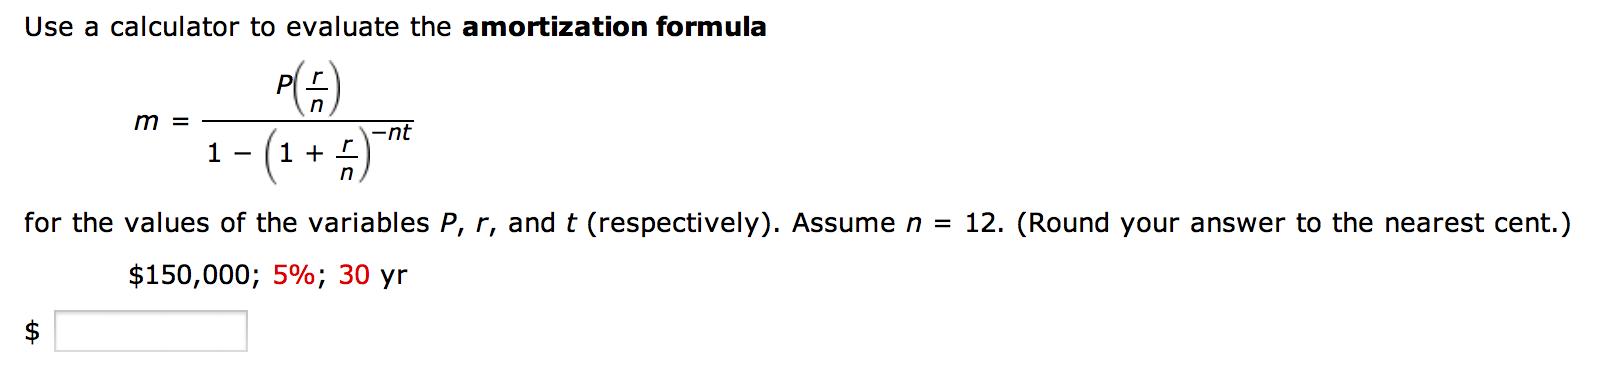 ammortization formula